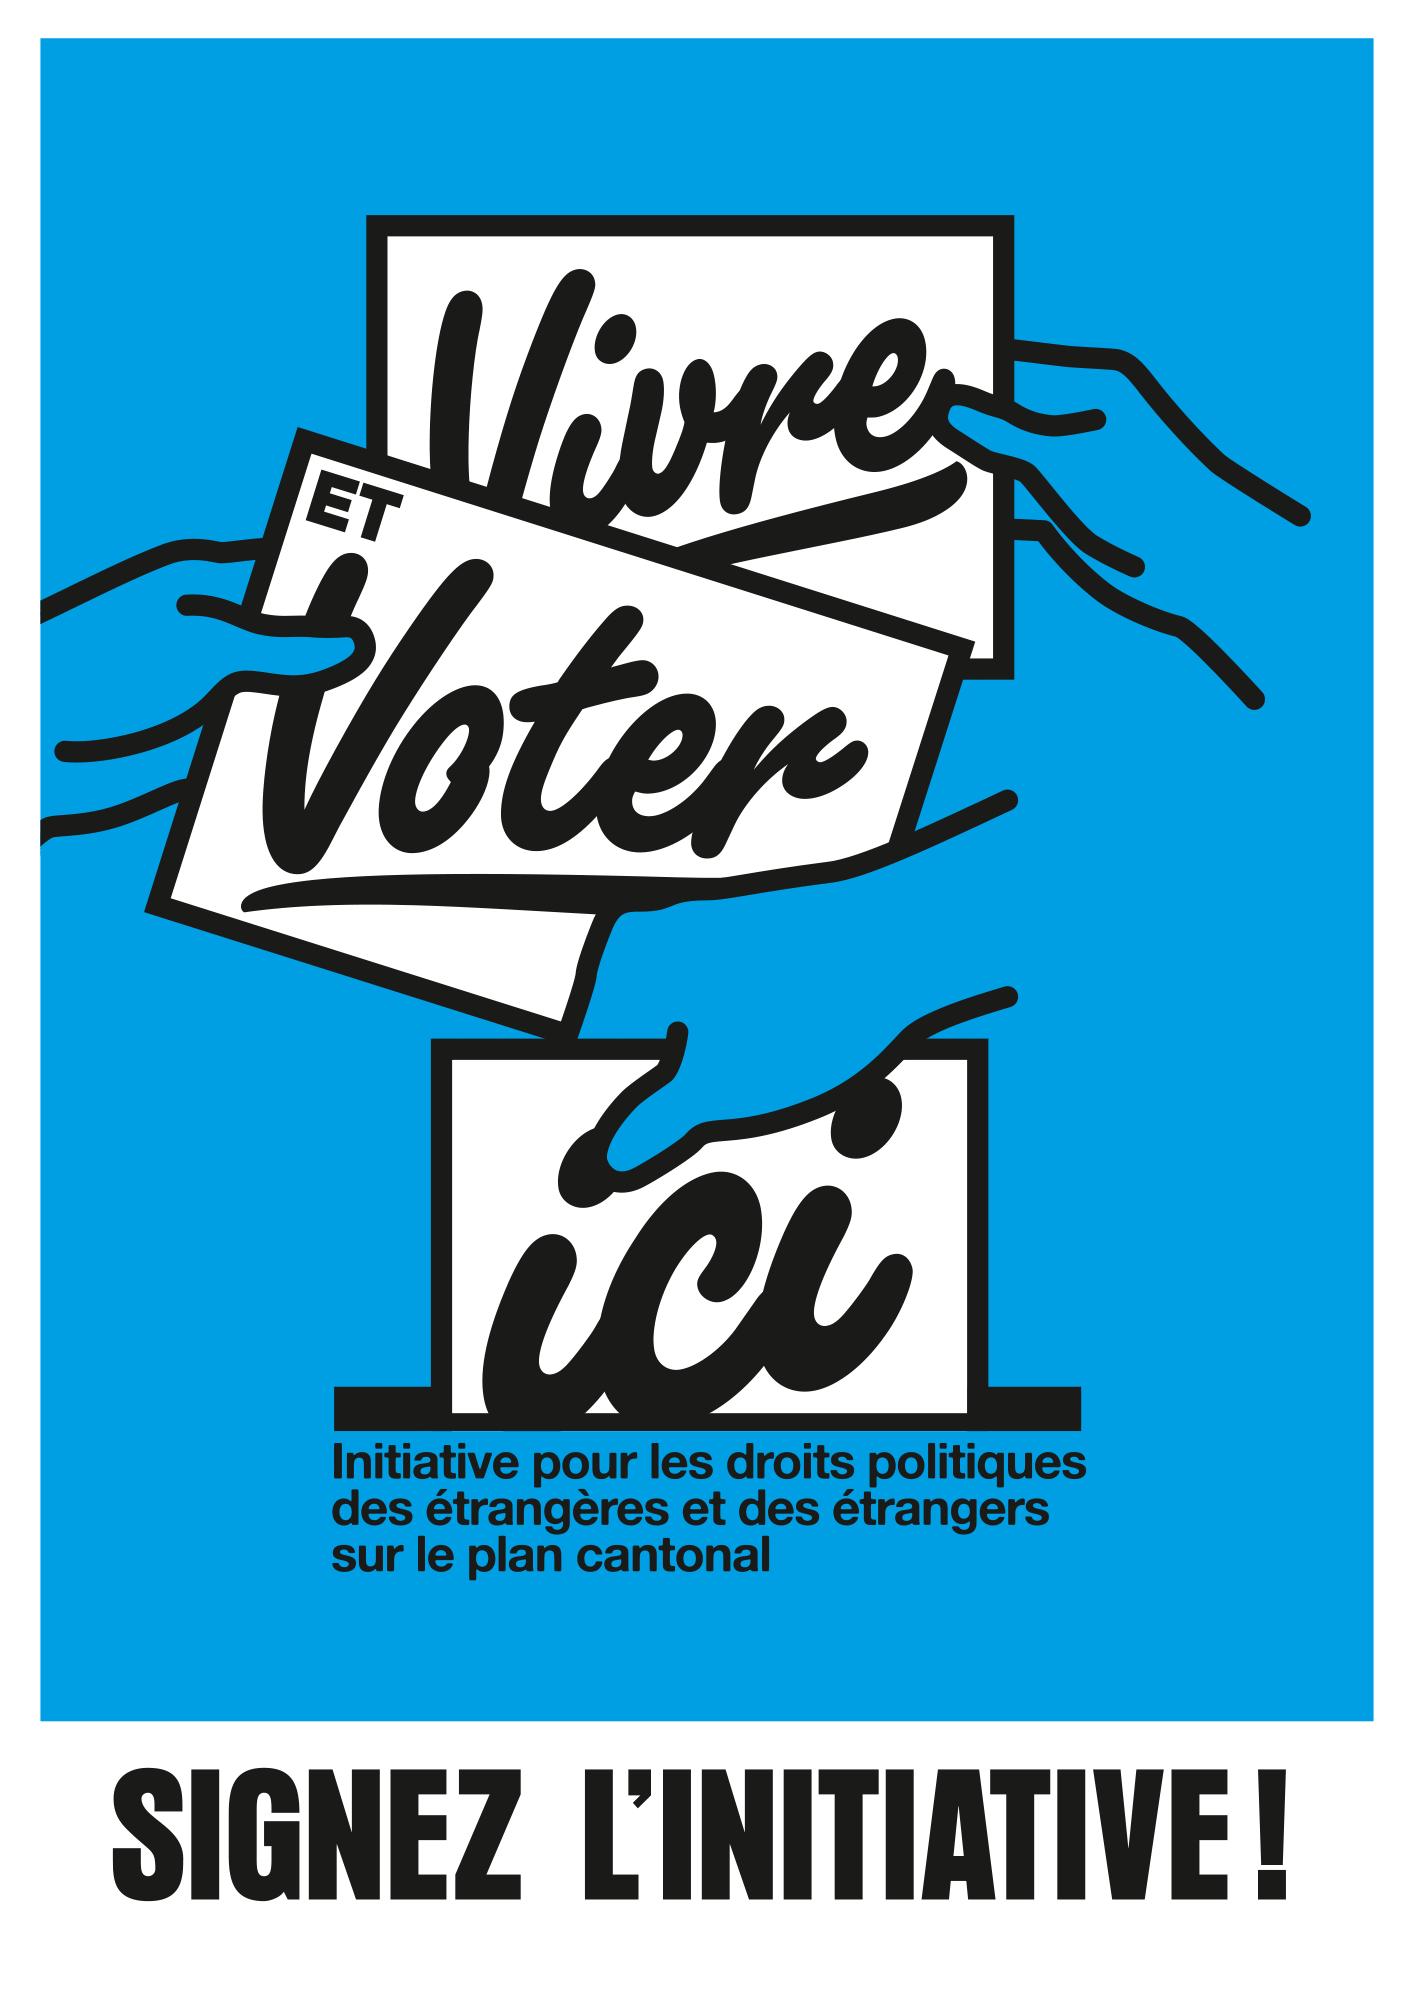 Logo et affiche pour une initiative cantonale pour le droit de vote des étrangers·ères au niveau cantonal (Vaud).